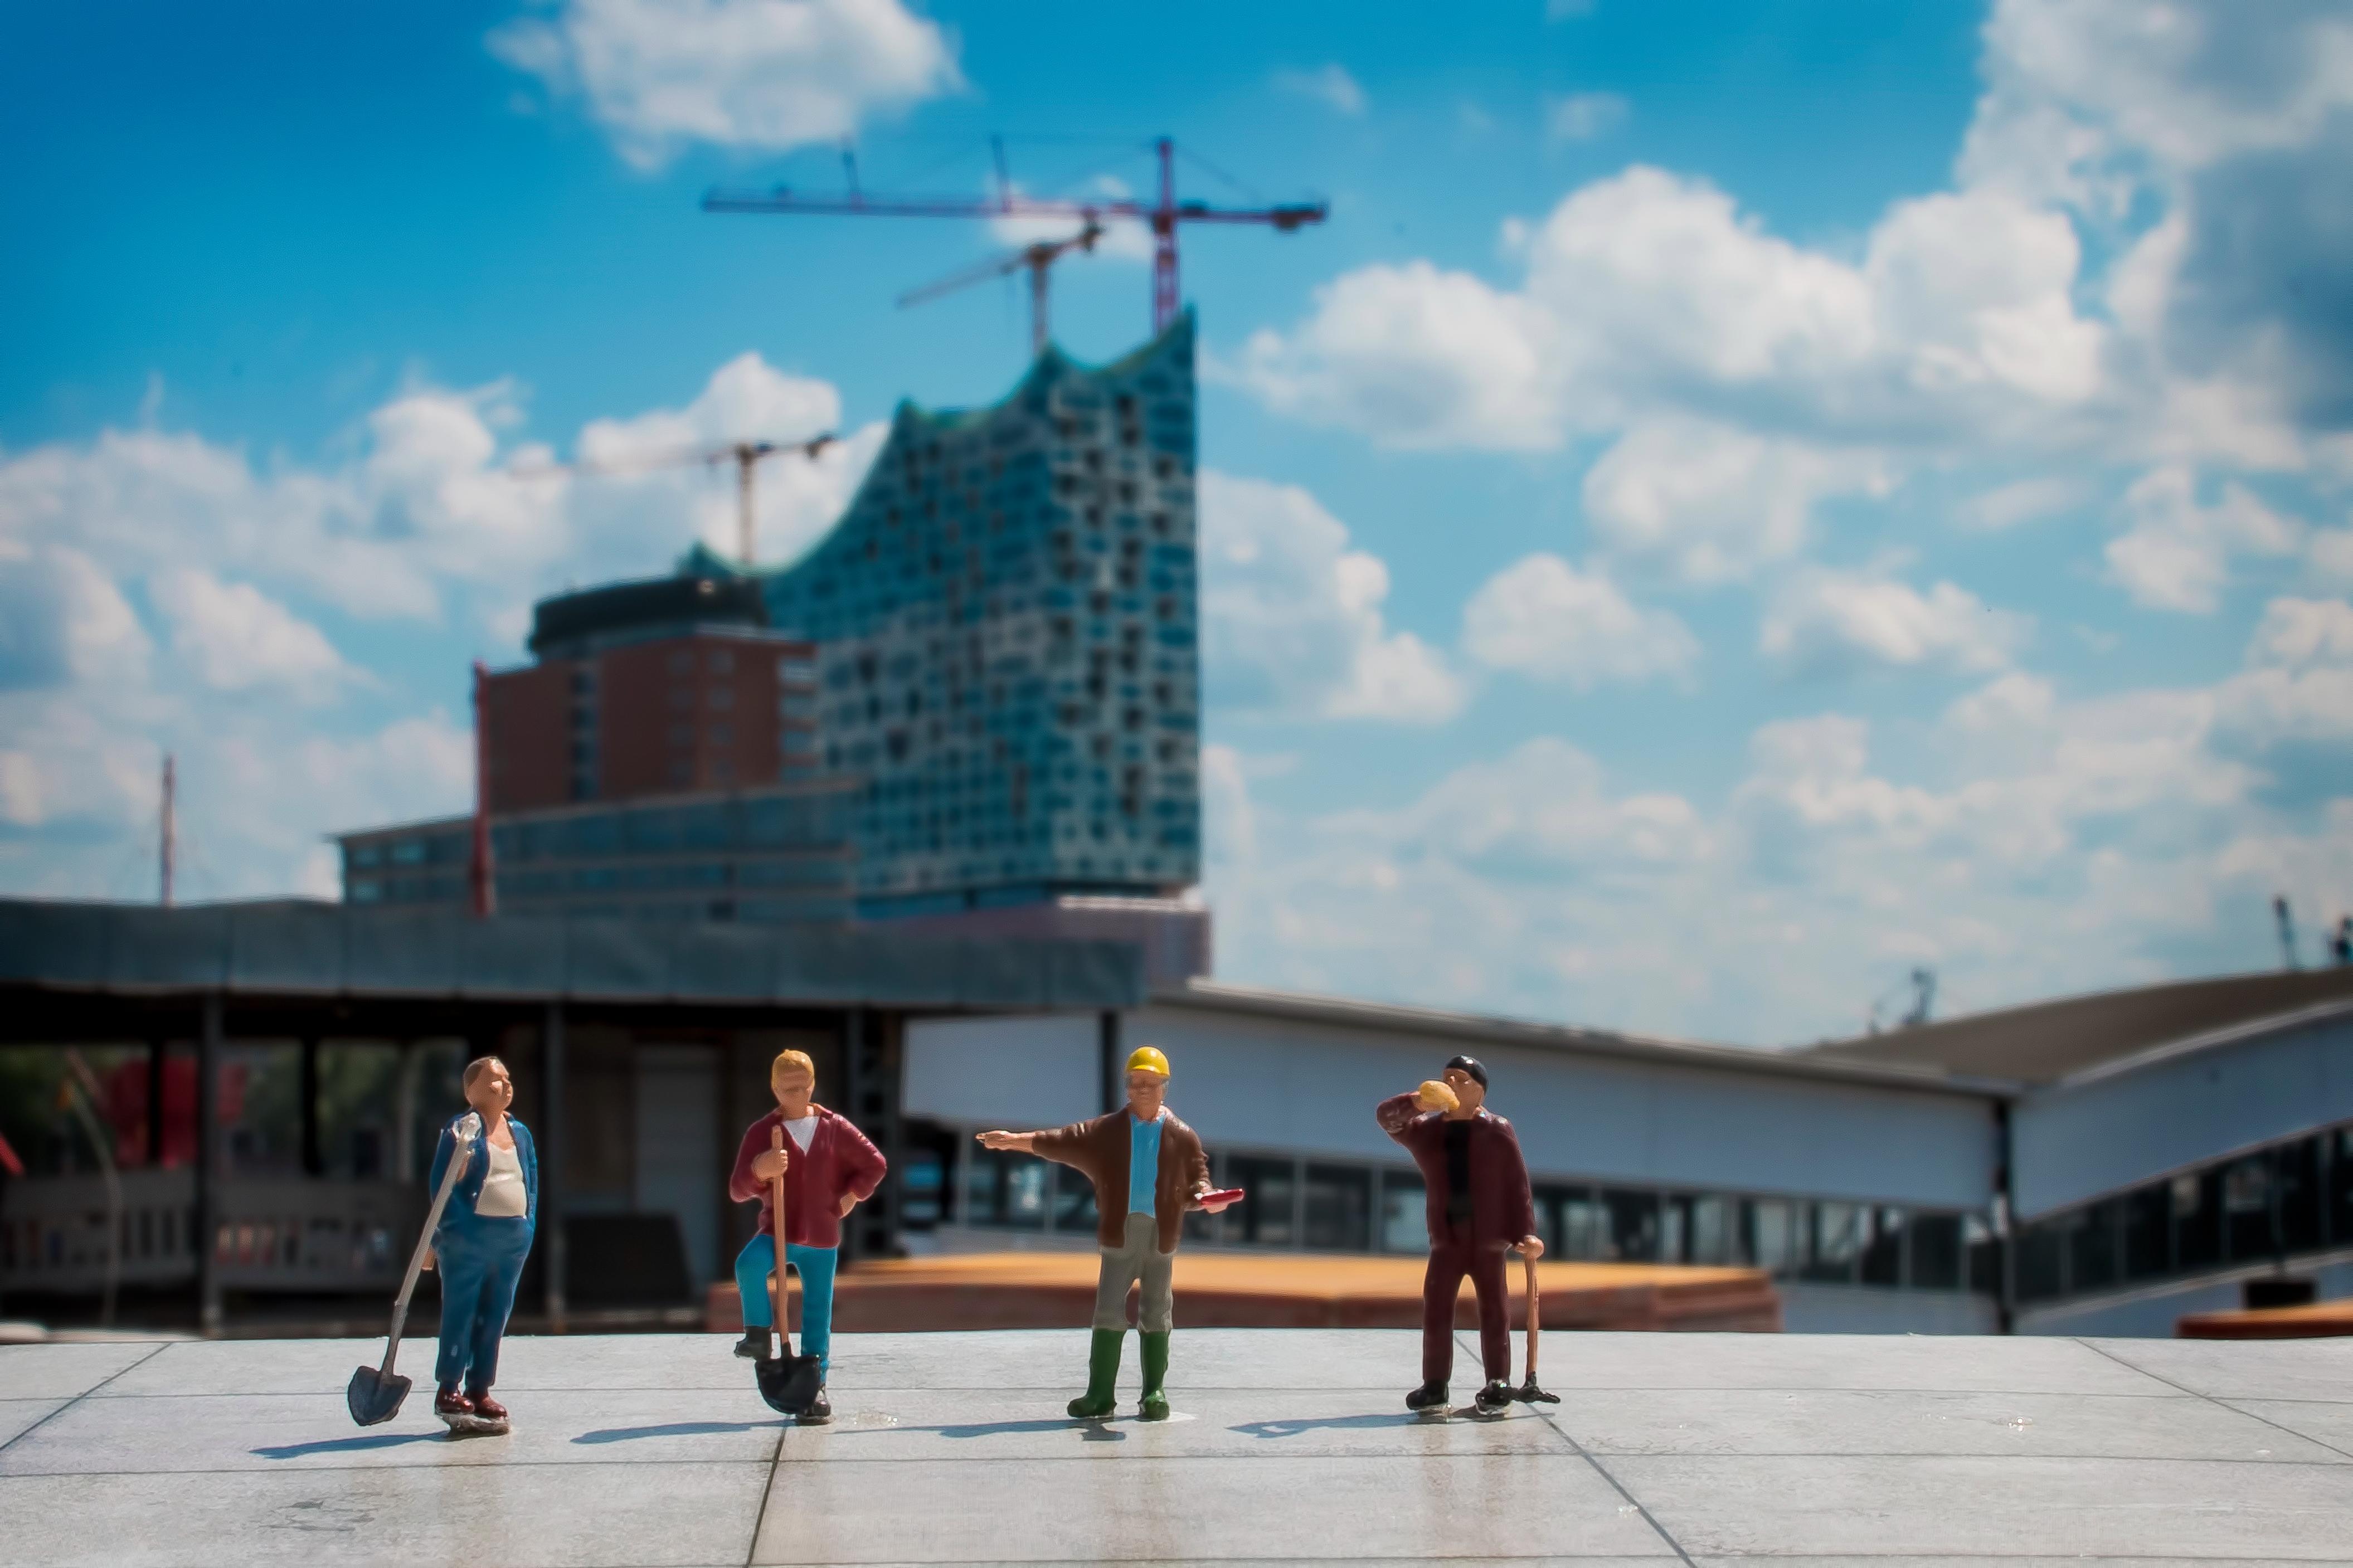 Der Bau der Elbphilharmonie